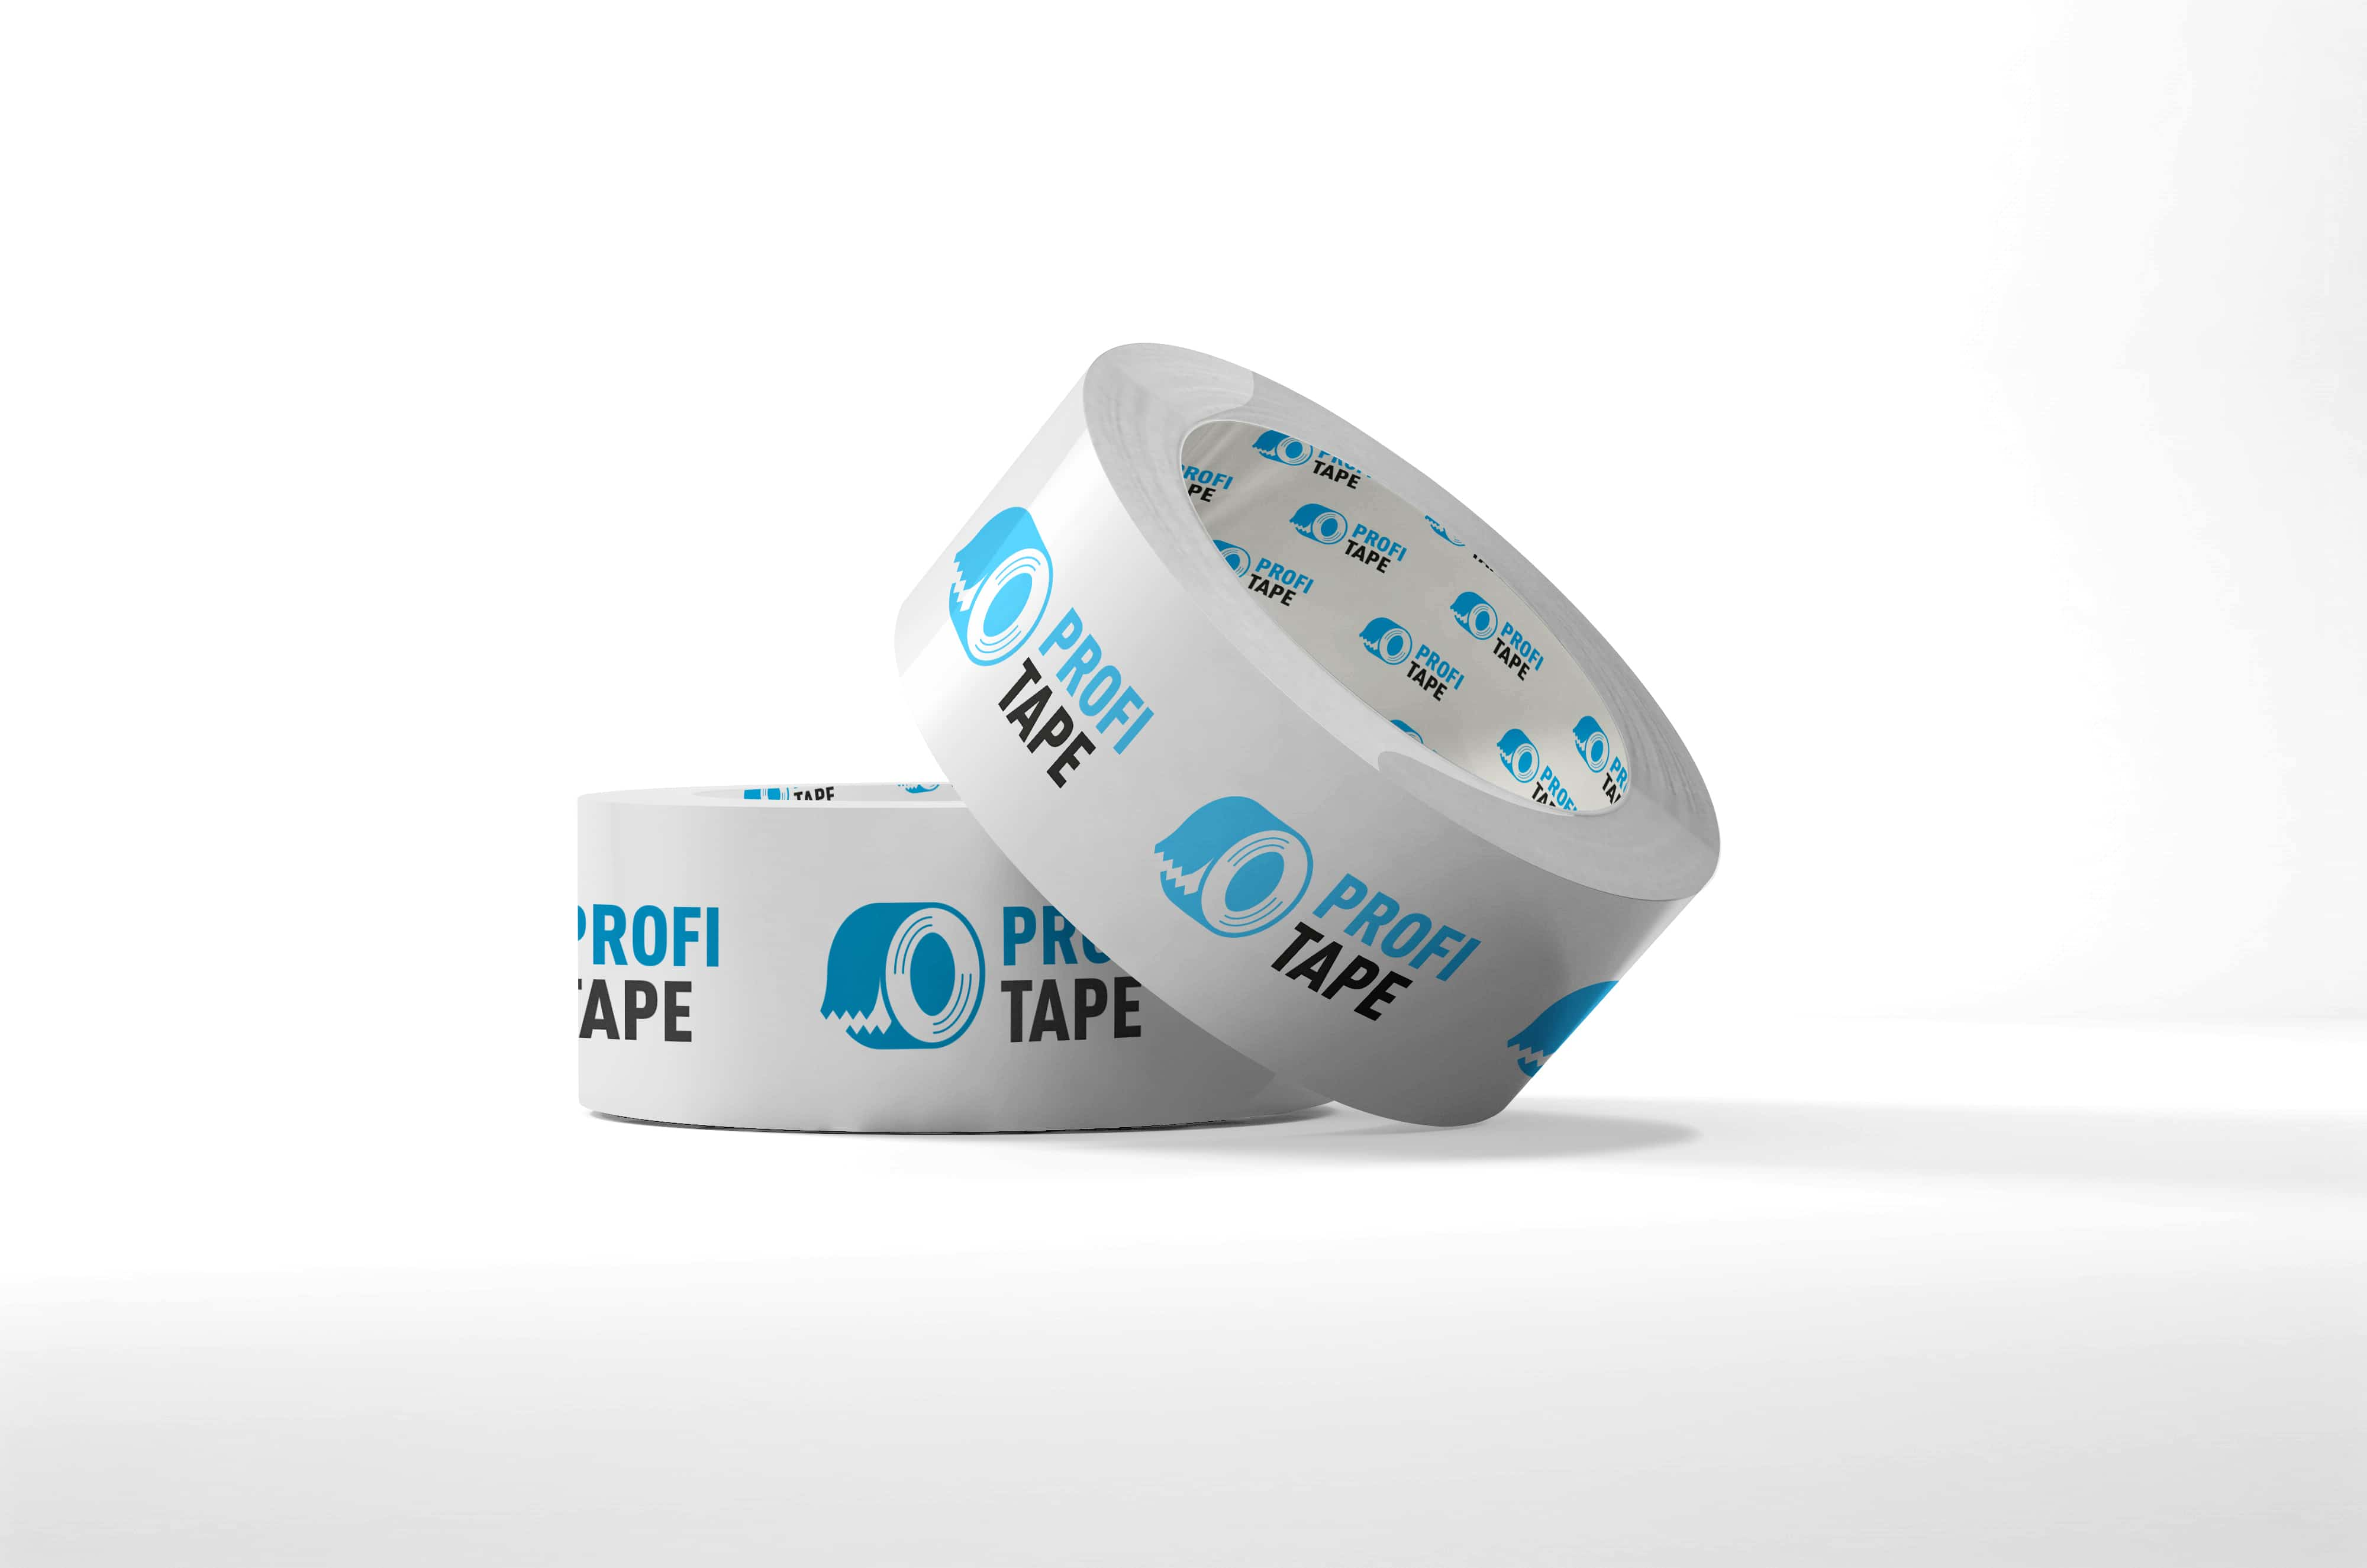 Bedrukte PP acryl tape - 50mm x 66m (1 kleur)